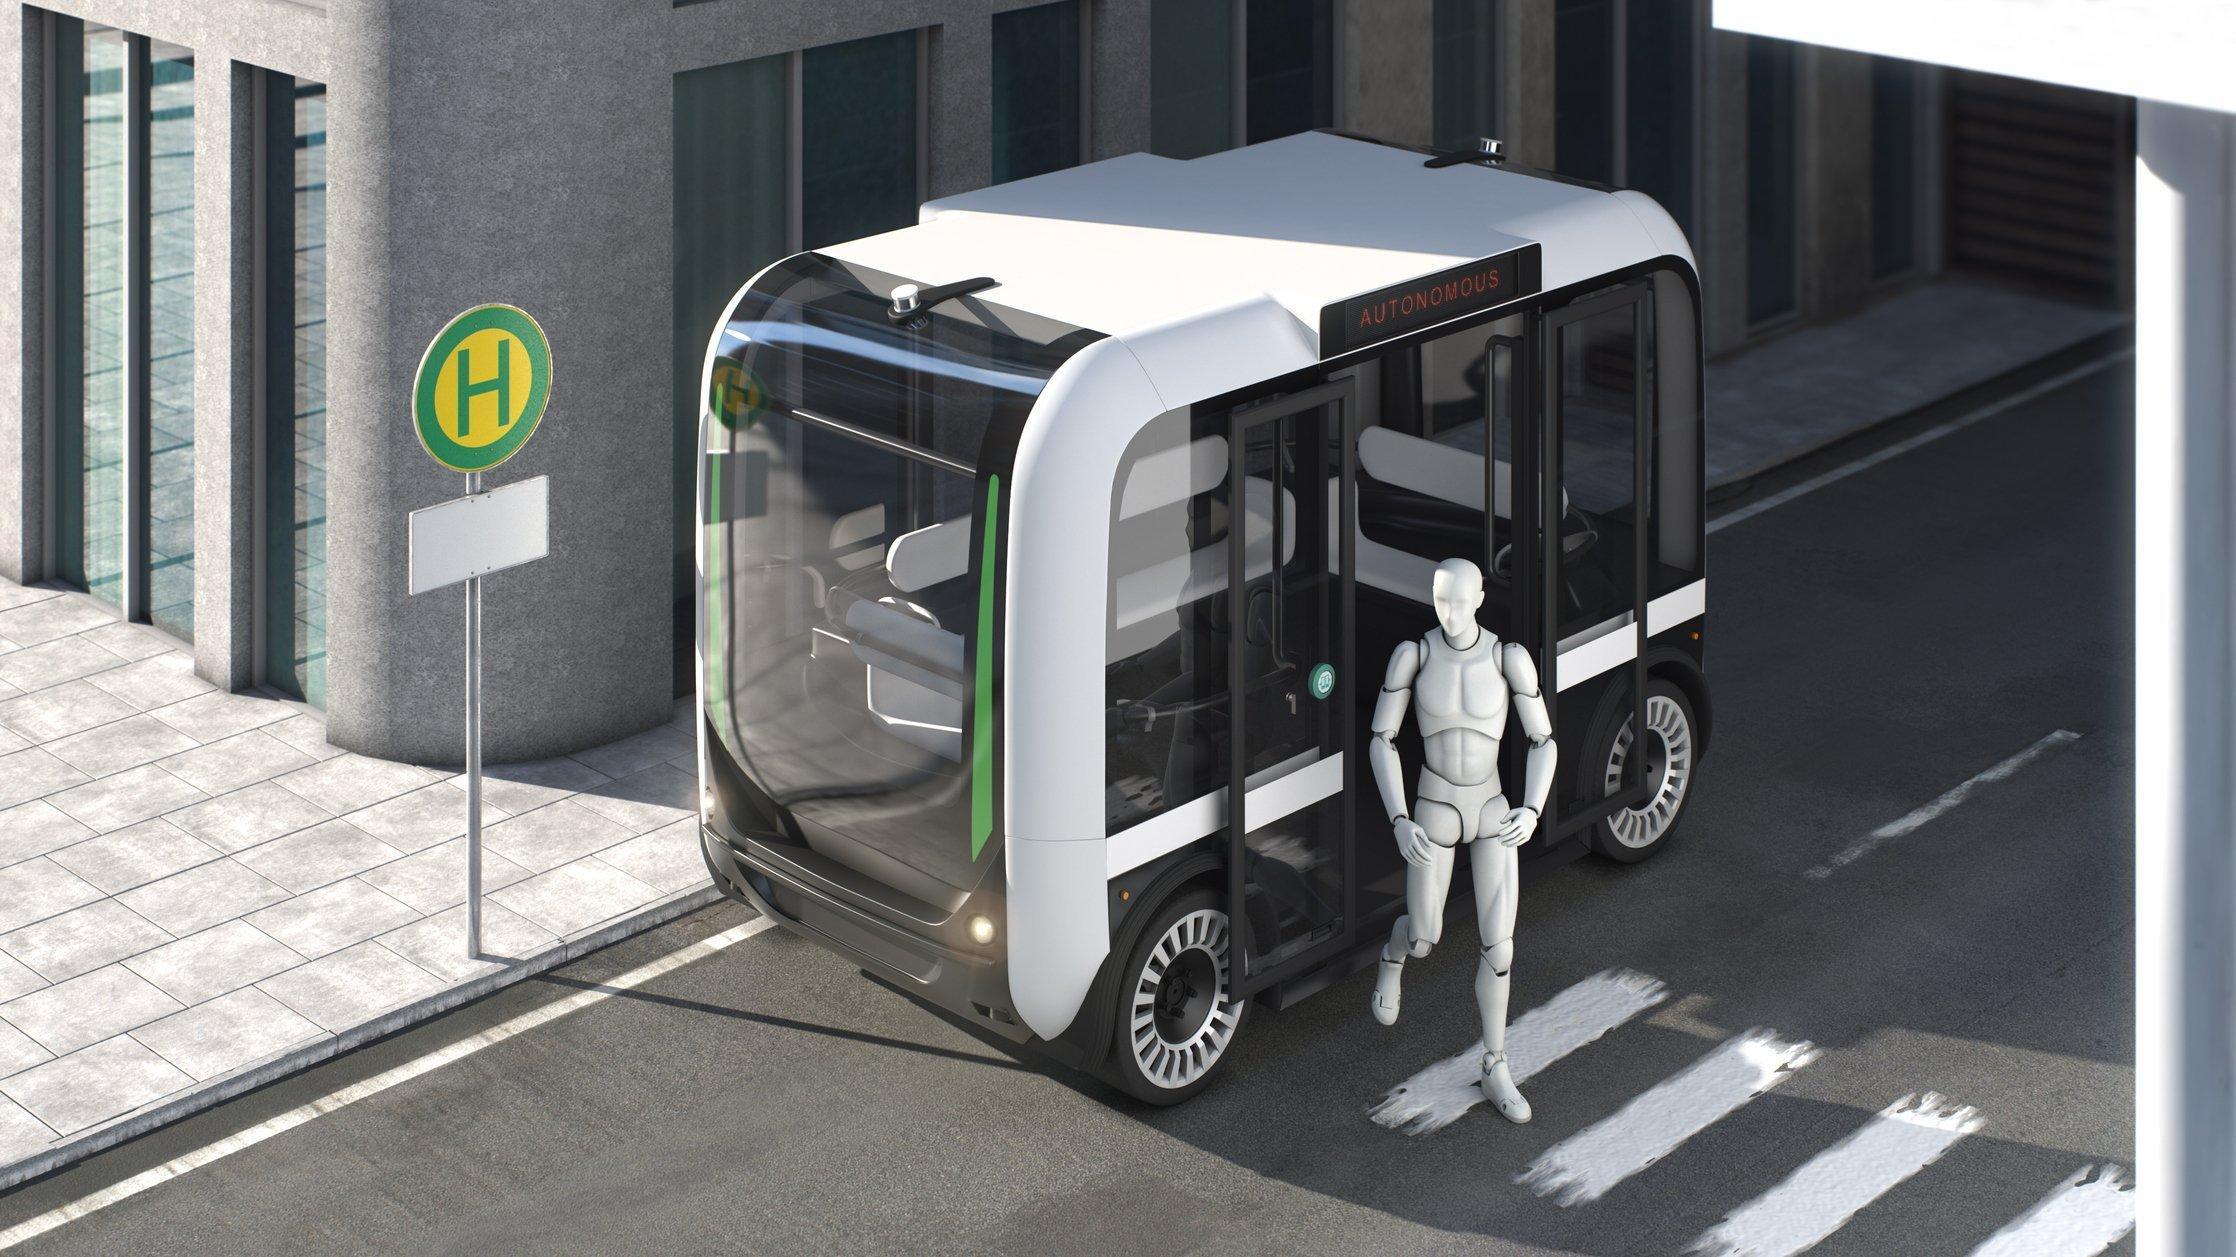 In einer Computergrafik steigt an einer Haltestelle eine Person aus einem autonom fahrenden Bus aus.